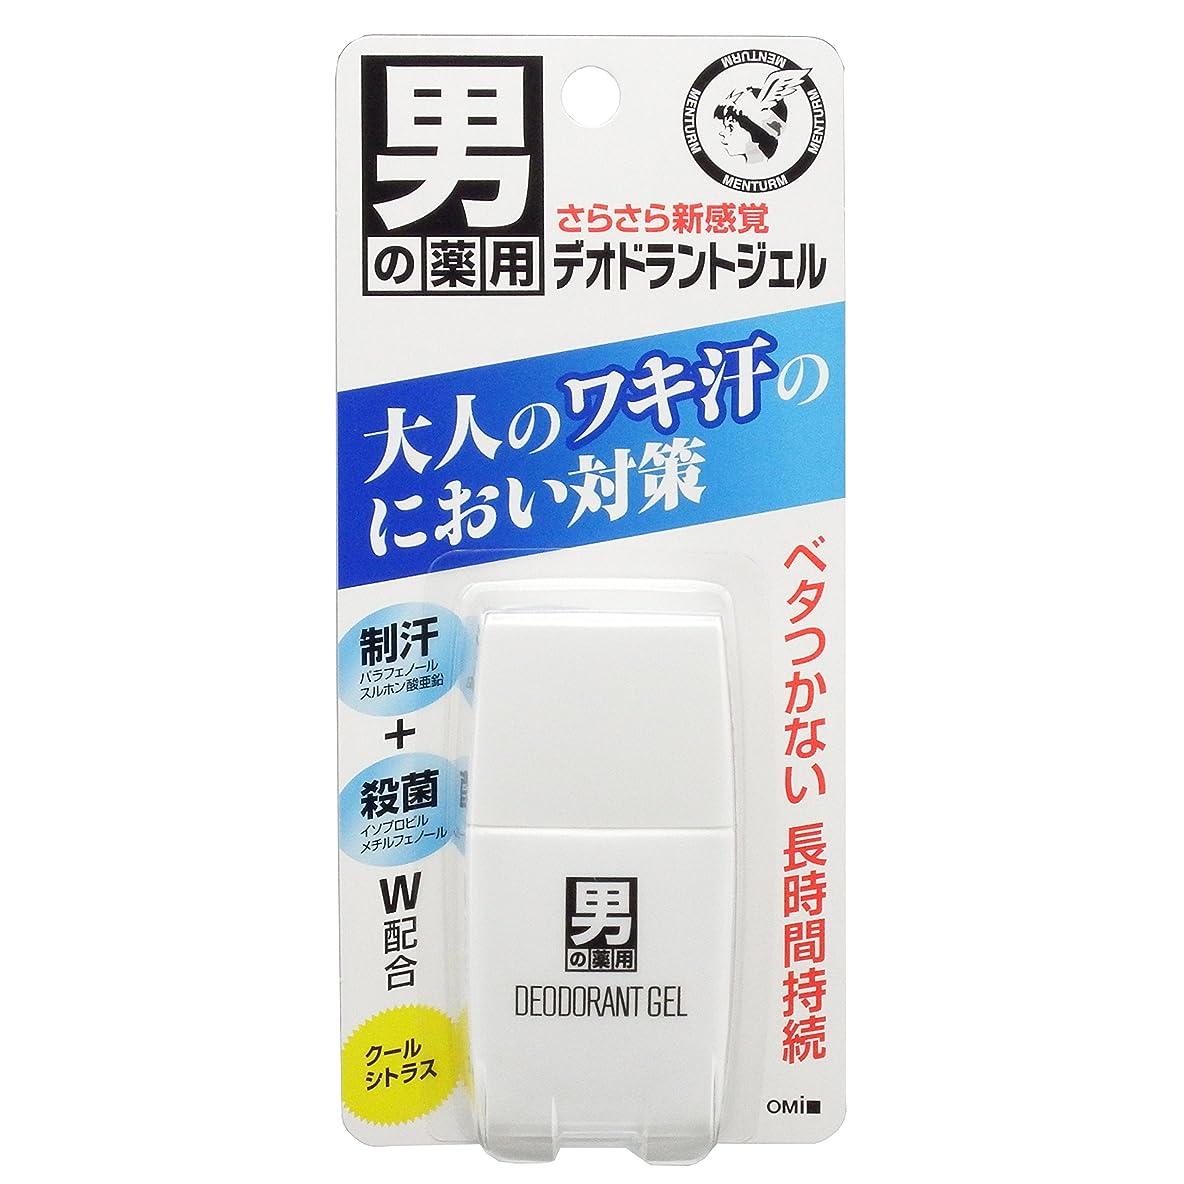 ピックブレス老人男の薬用 デオドラントジェル 30g (医薬部外品)